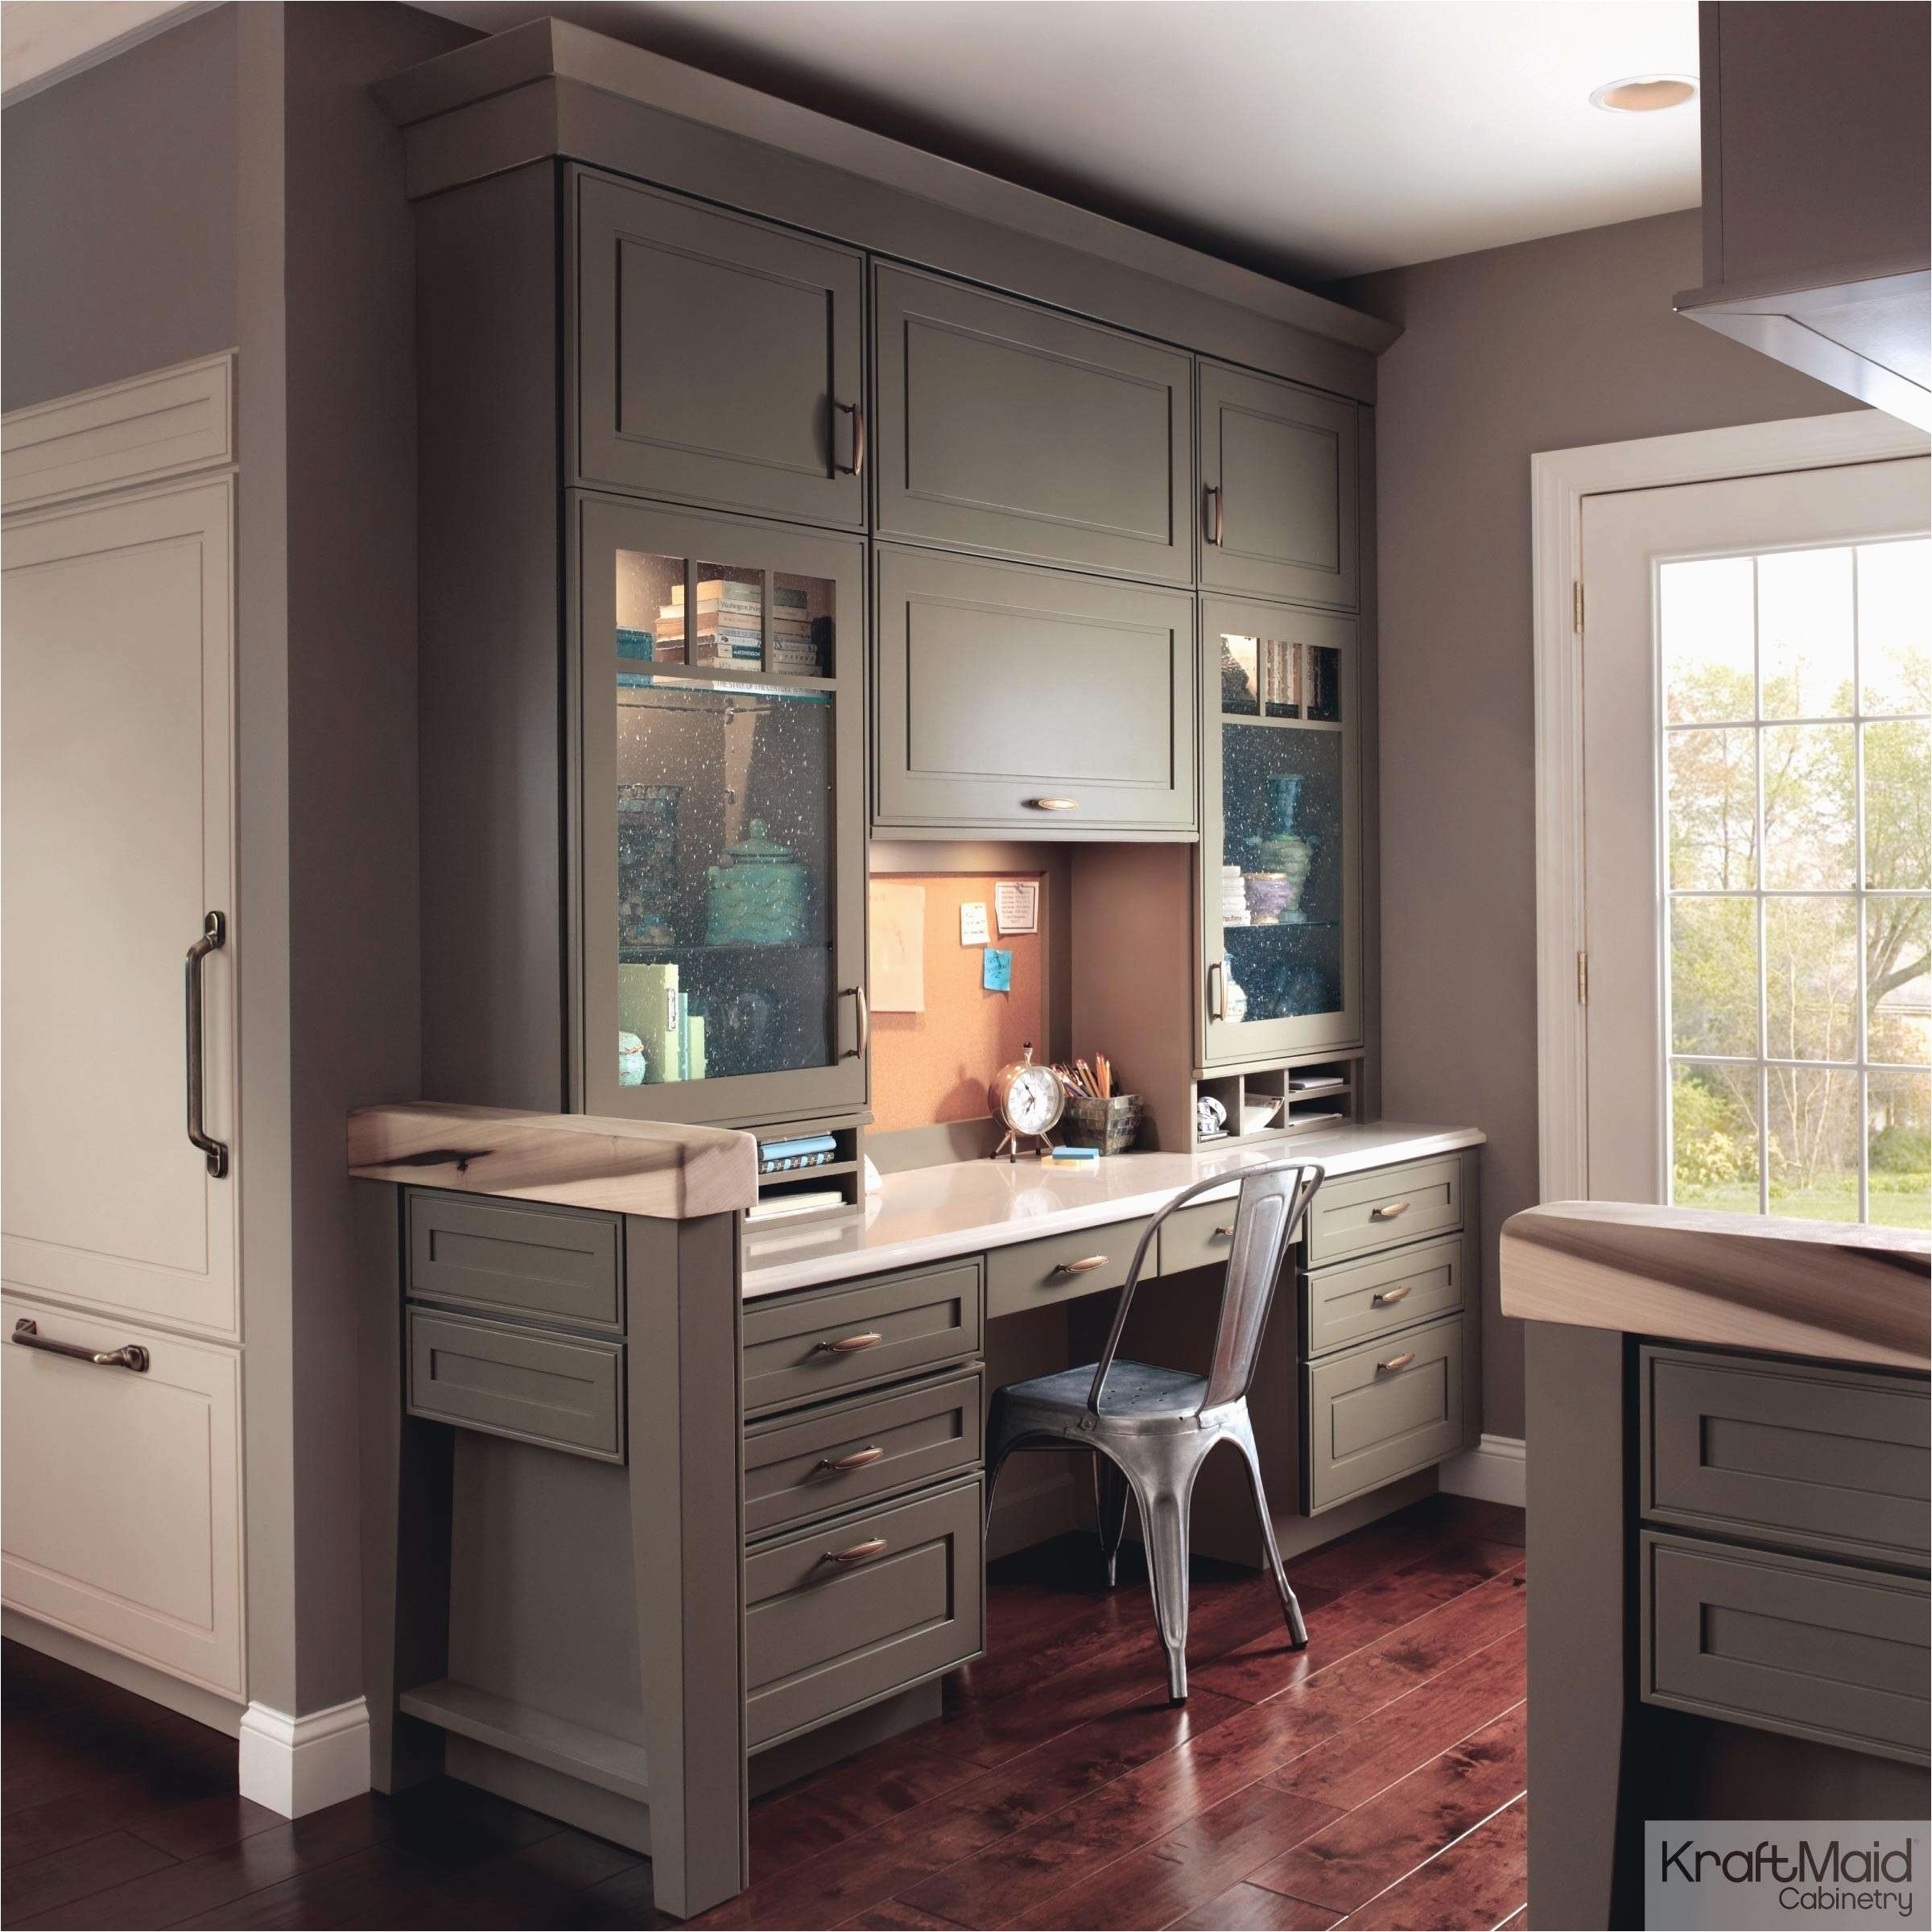 Kitchen Storage Cabinet Amazing Extra Storage Cabinet for Kitchen